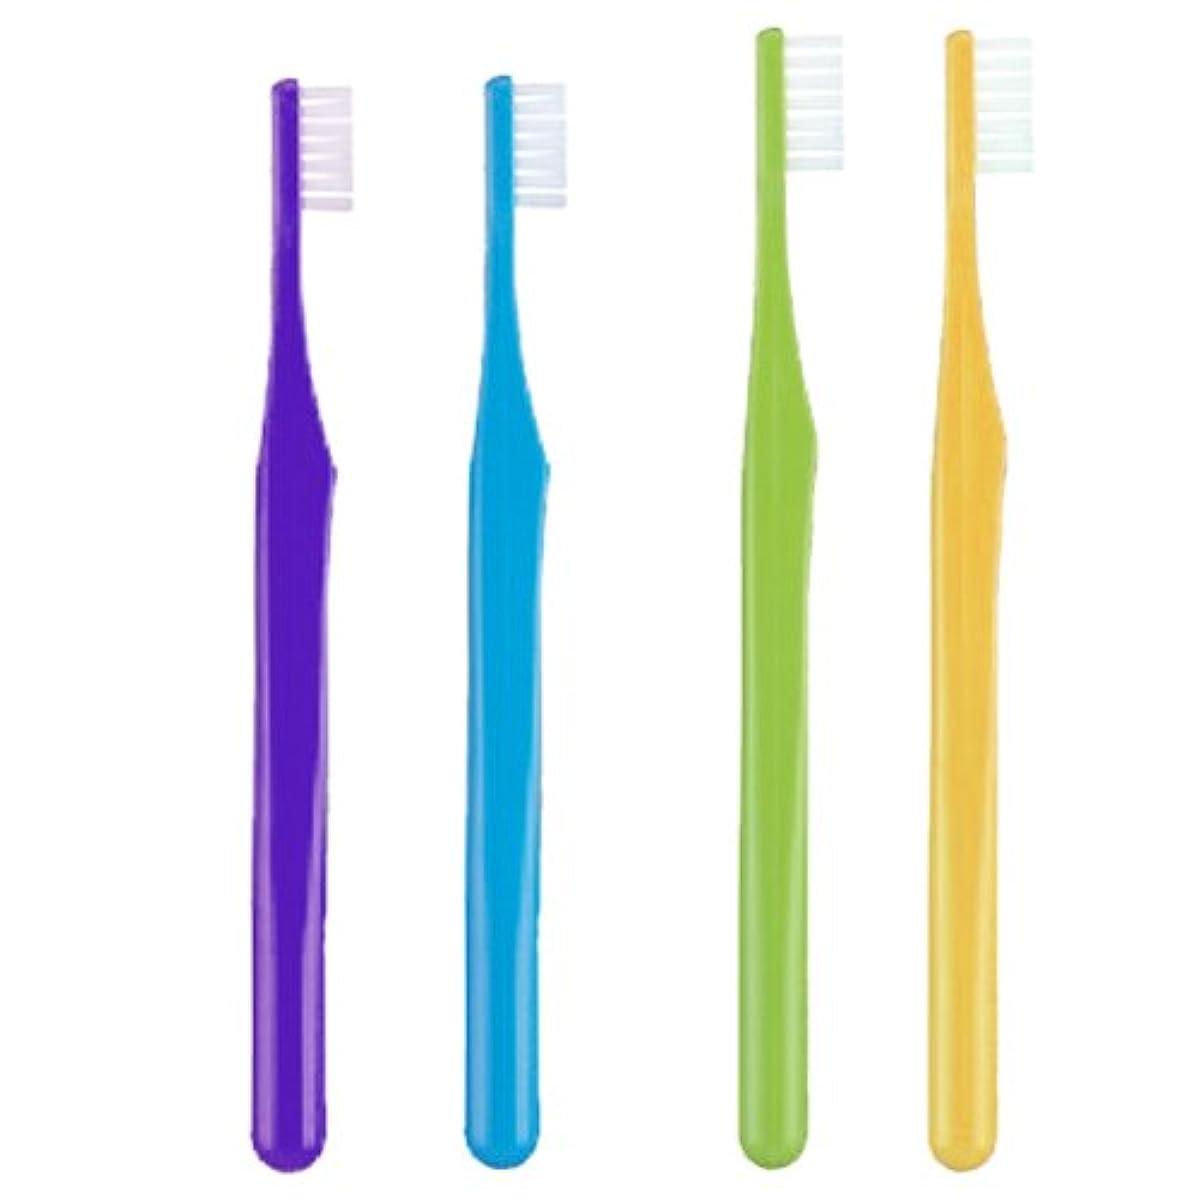 まさに対ホイールプロスペックプラス歯ブラシ1本タイニー/スモール (スモール)